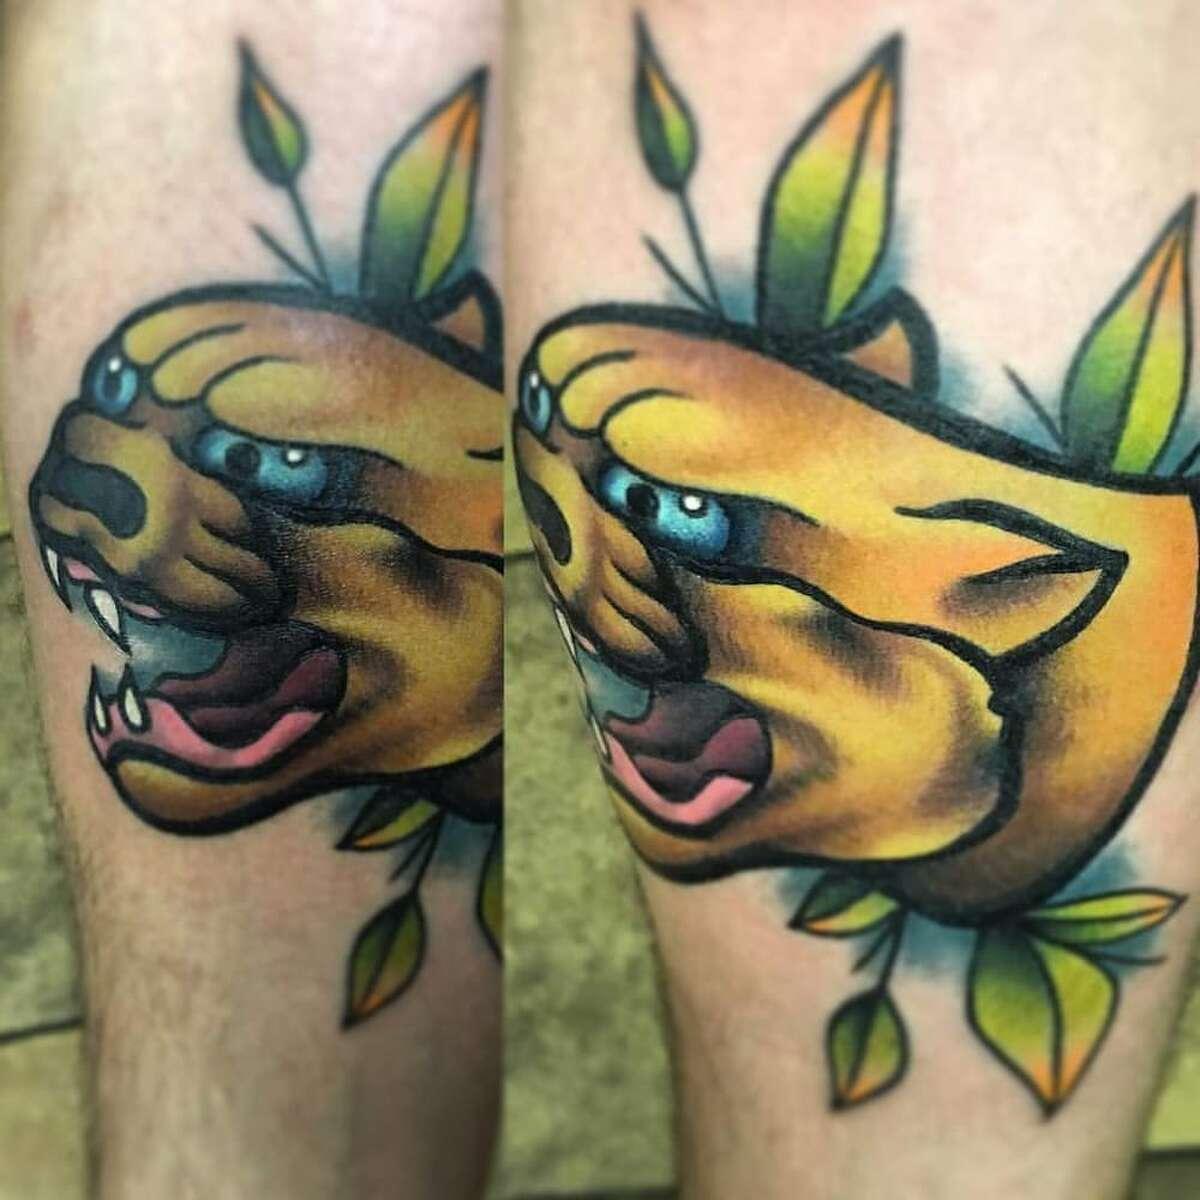 Shocker Tattoo Company, 302 Lark St., Albany.